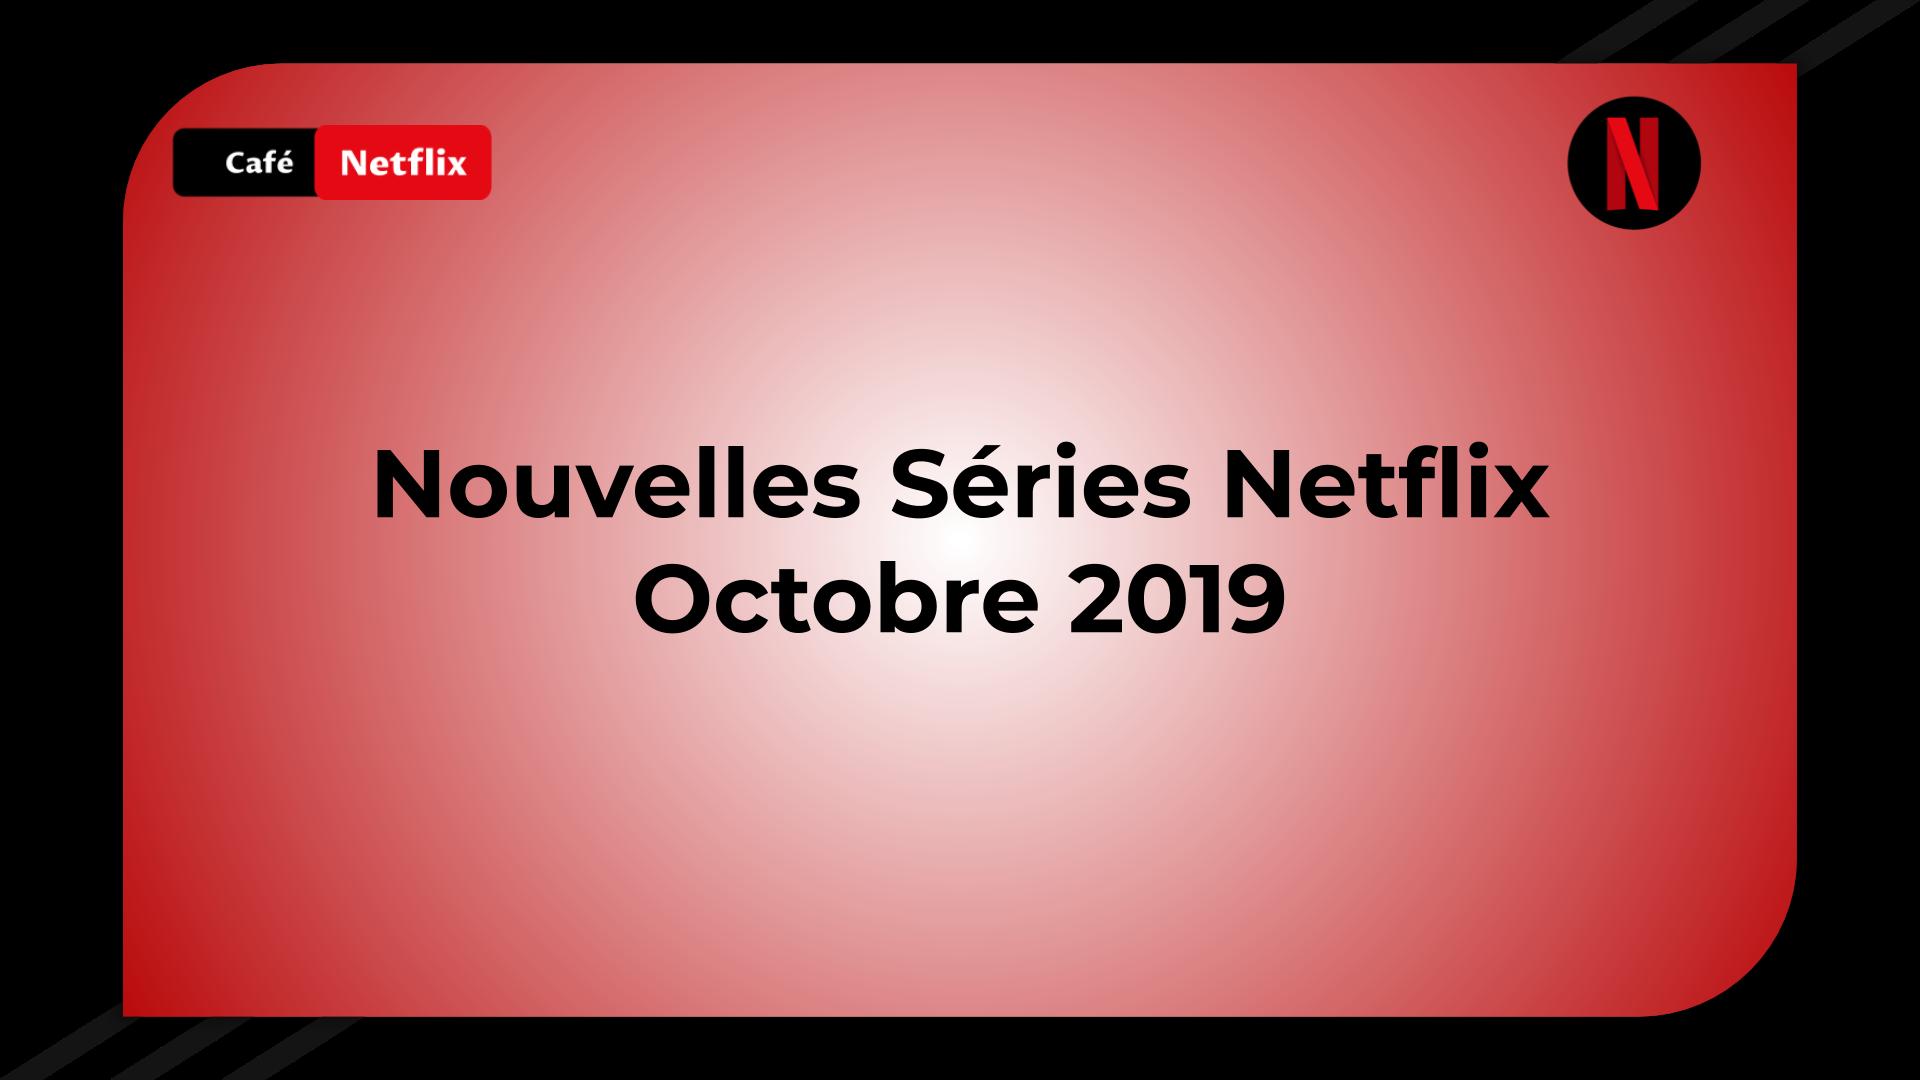 Nouvelles Séries Netflix Octobre 2019 - Nouveautés à voir !!